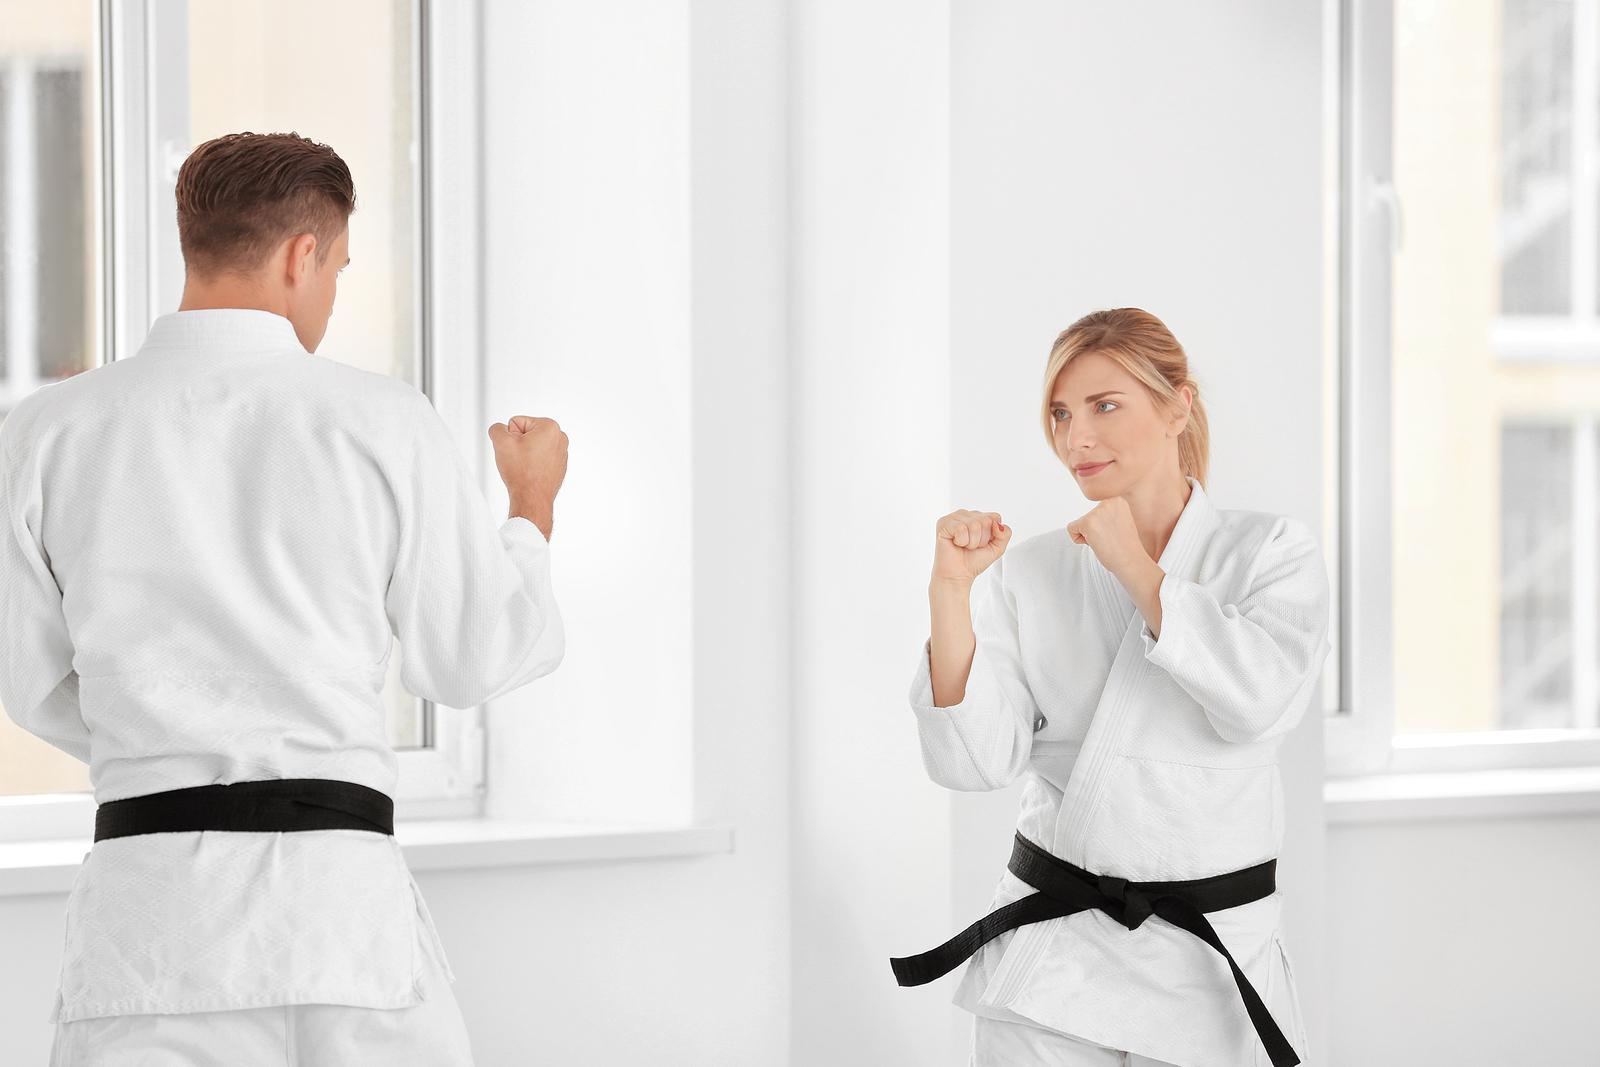 Shotokan Karate Club Villach - Karate und Selbstverteidigung - Karate für Erwachsene